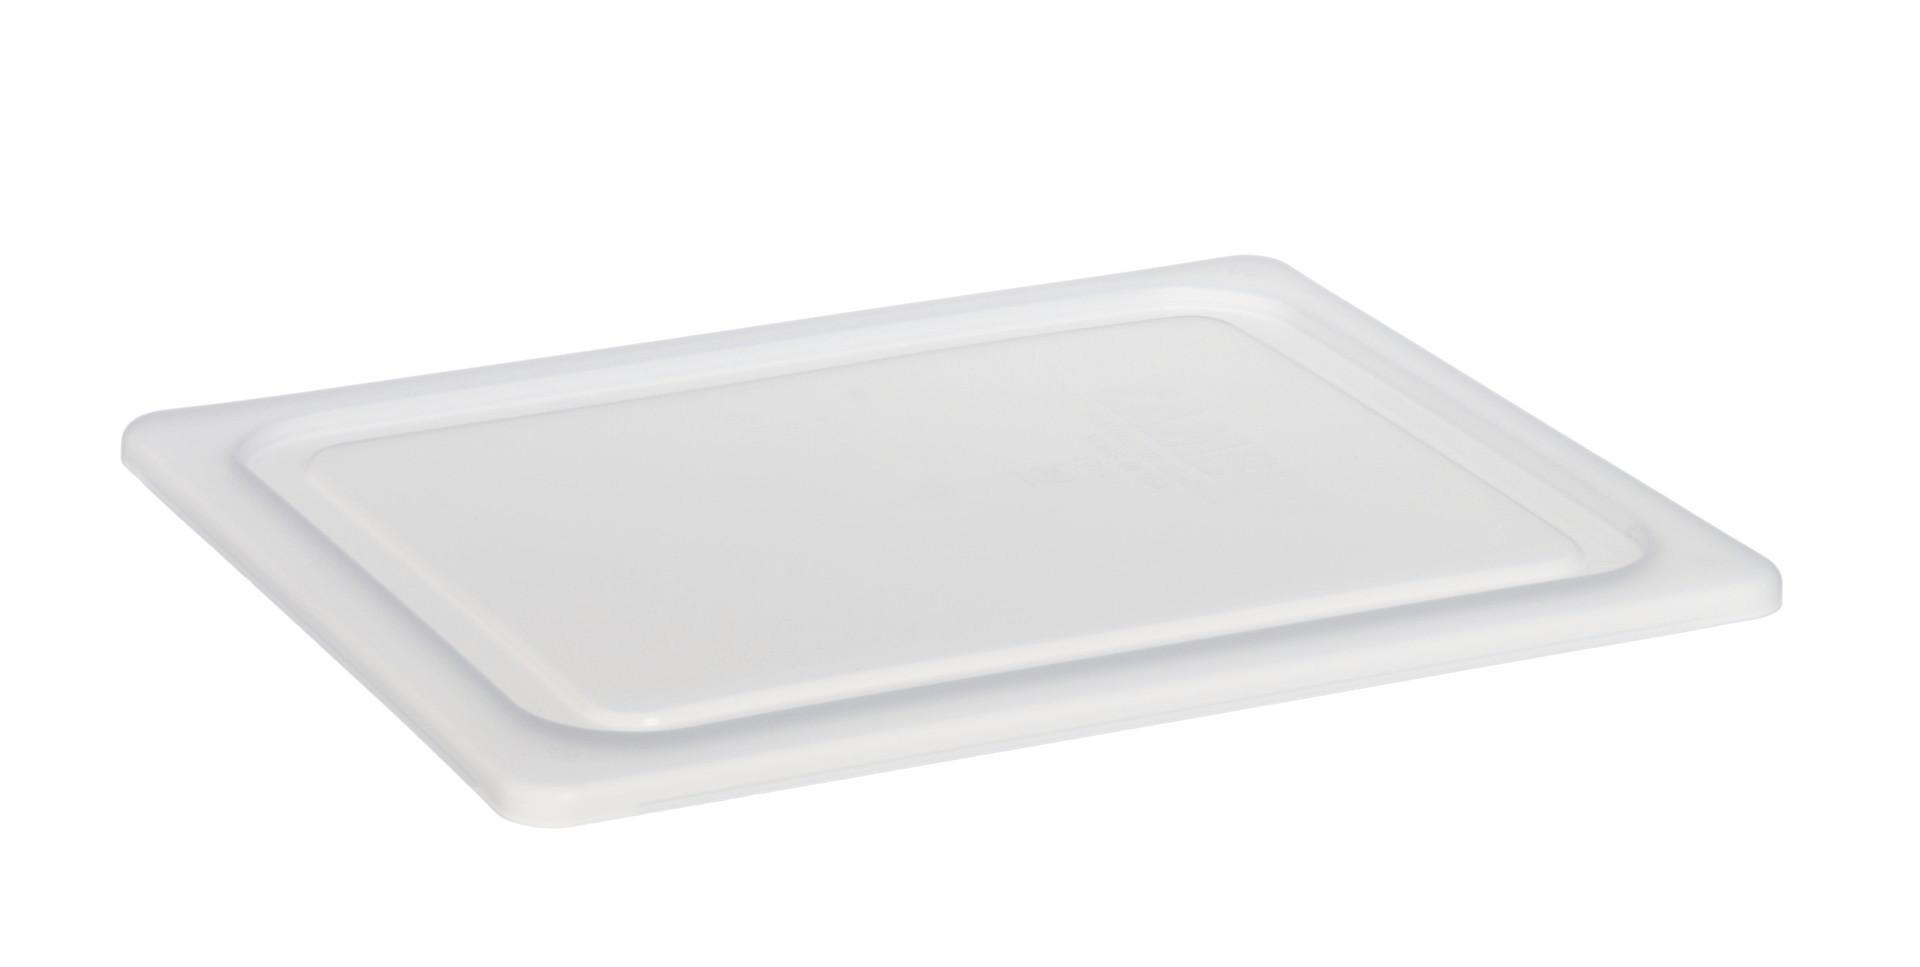 Luftdichter Deckel, GN 1/6, weiß, für Frischhalteboxen + GN-Beh. Polycarbonat